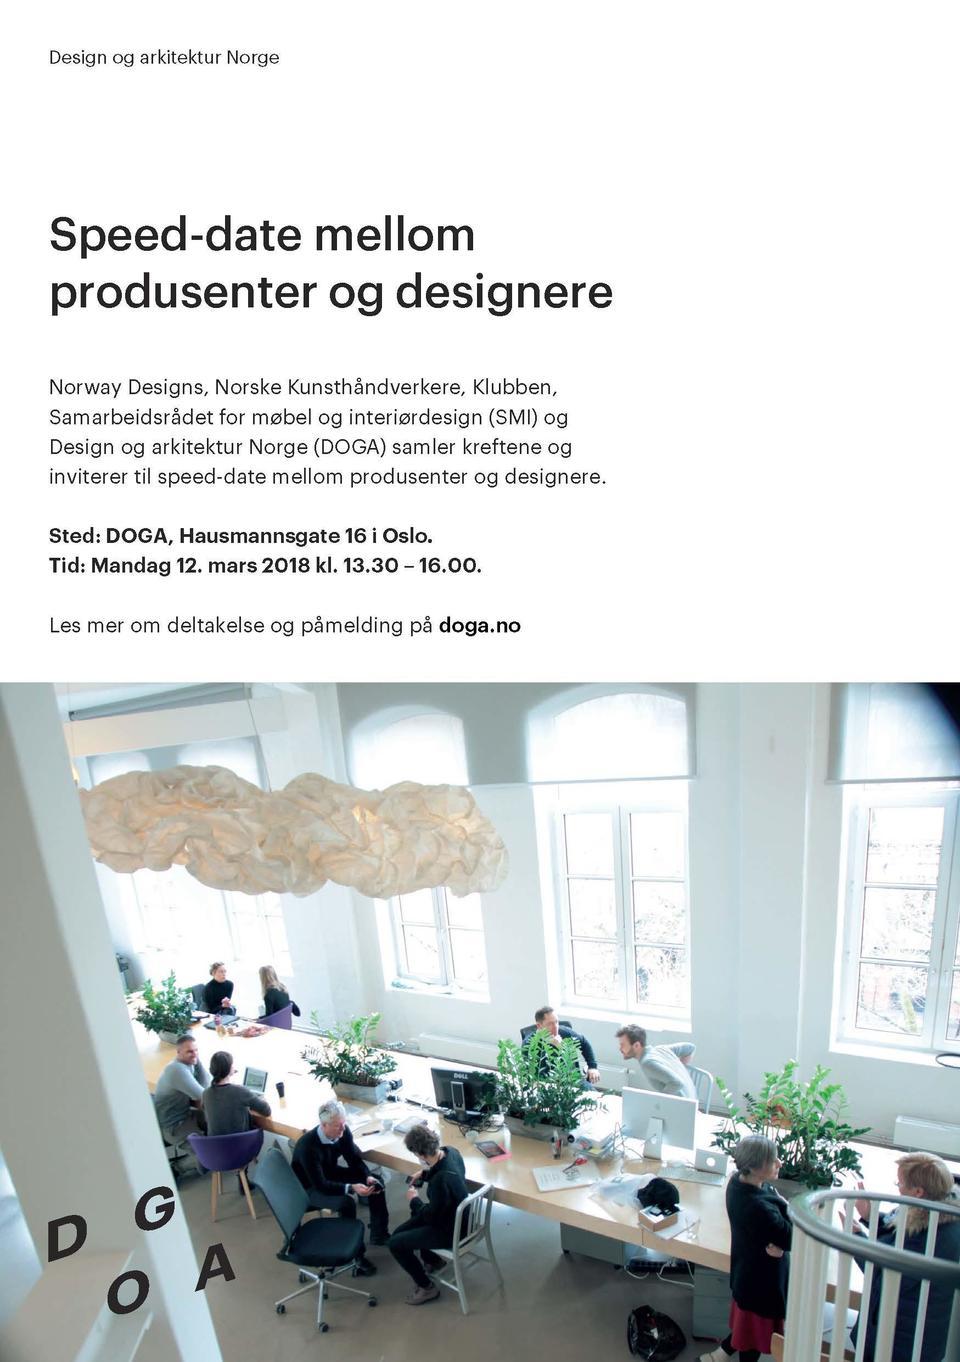 Speed-date mellom produsenter og designere